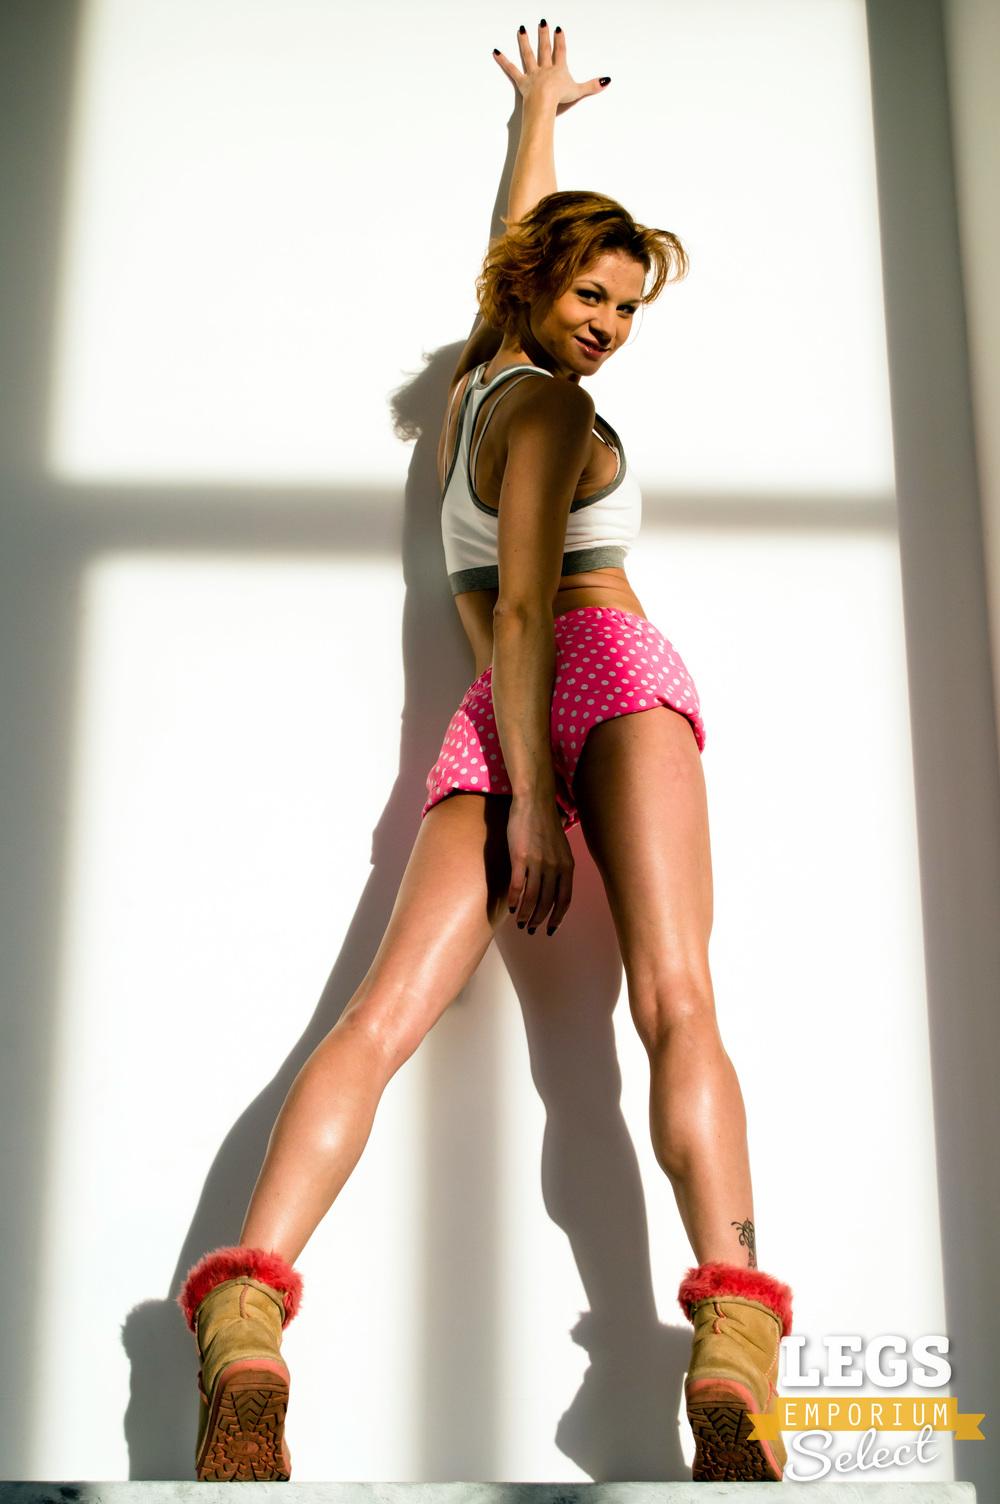 Legs_Emporium_Kaylee_410.jpg